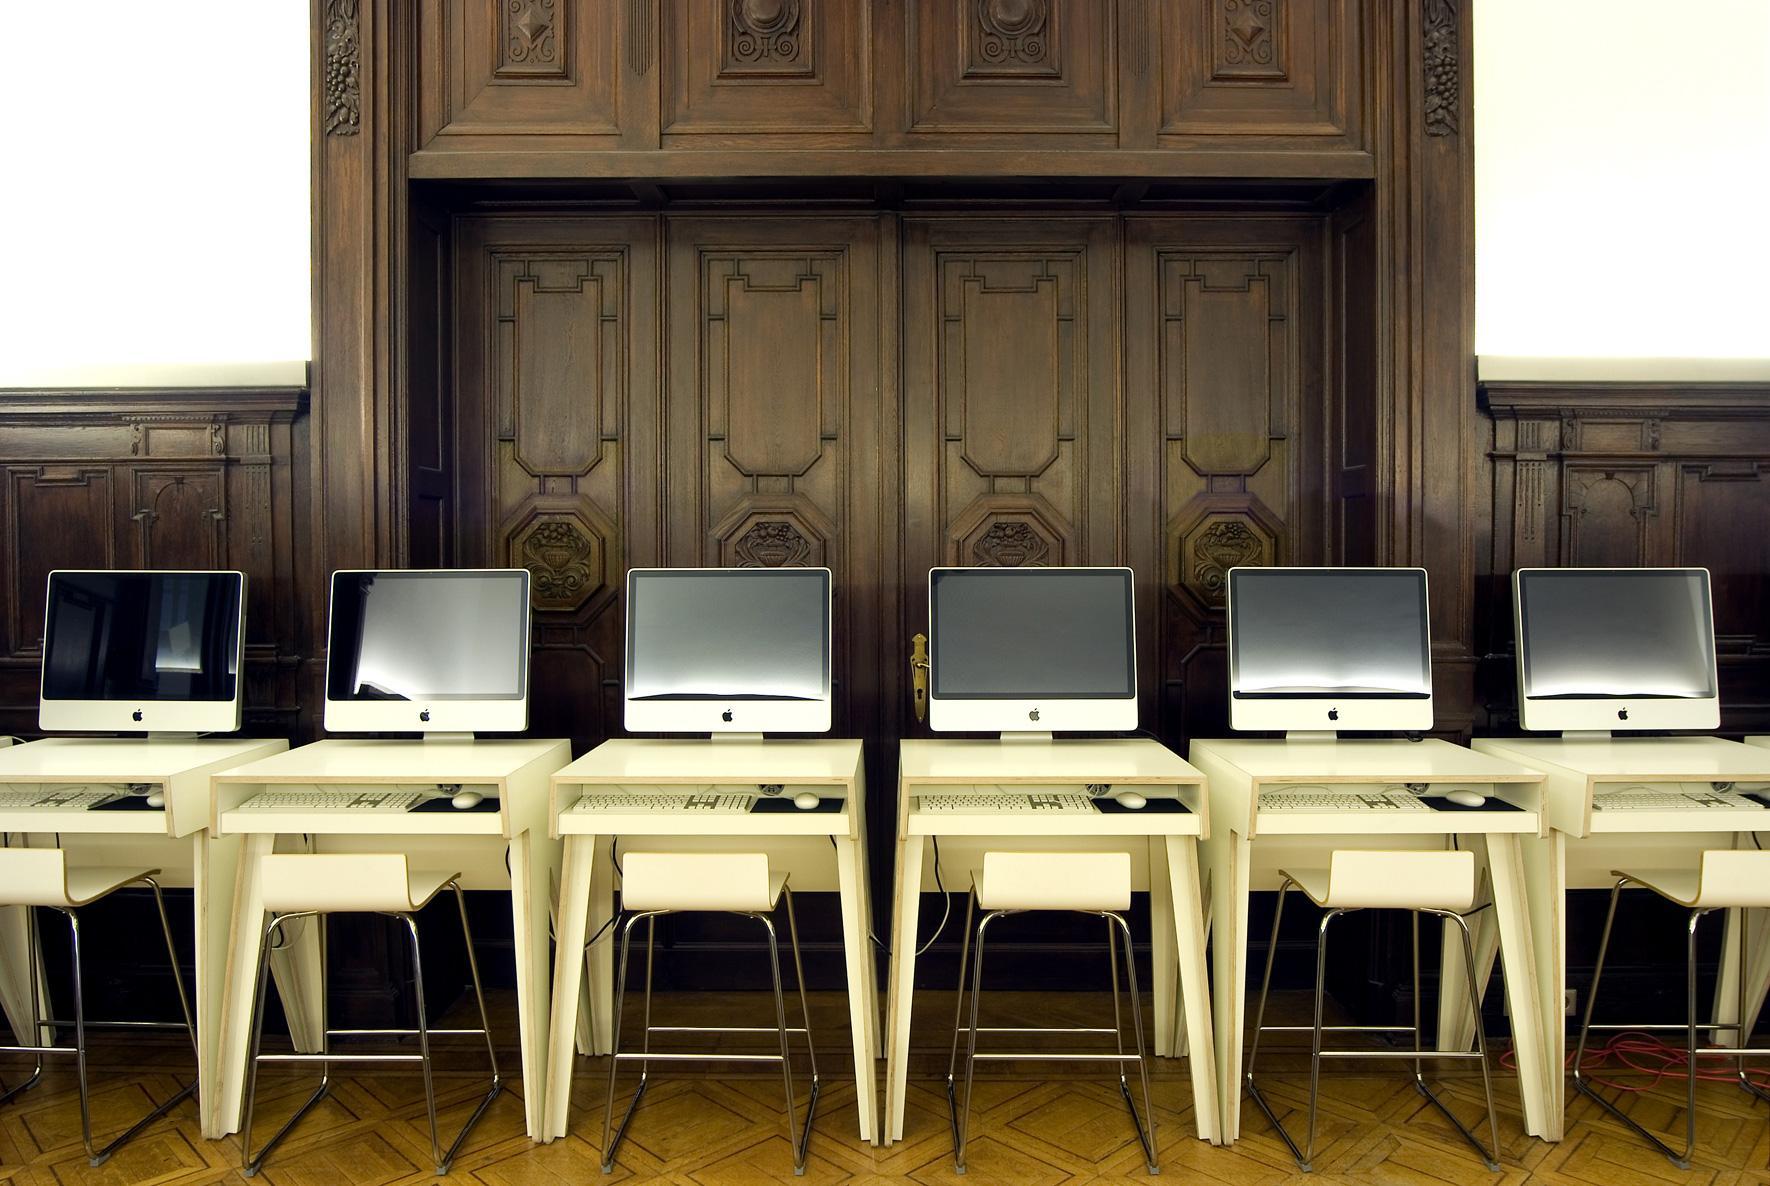 computerarbeitsraum in der villa neuwerk 7 kunsthochschule halle altbau computertisch burg - Computertisch Fr Imac 27